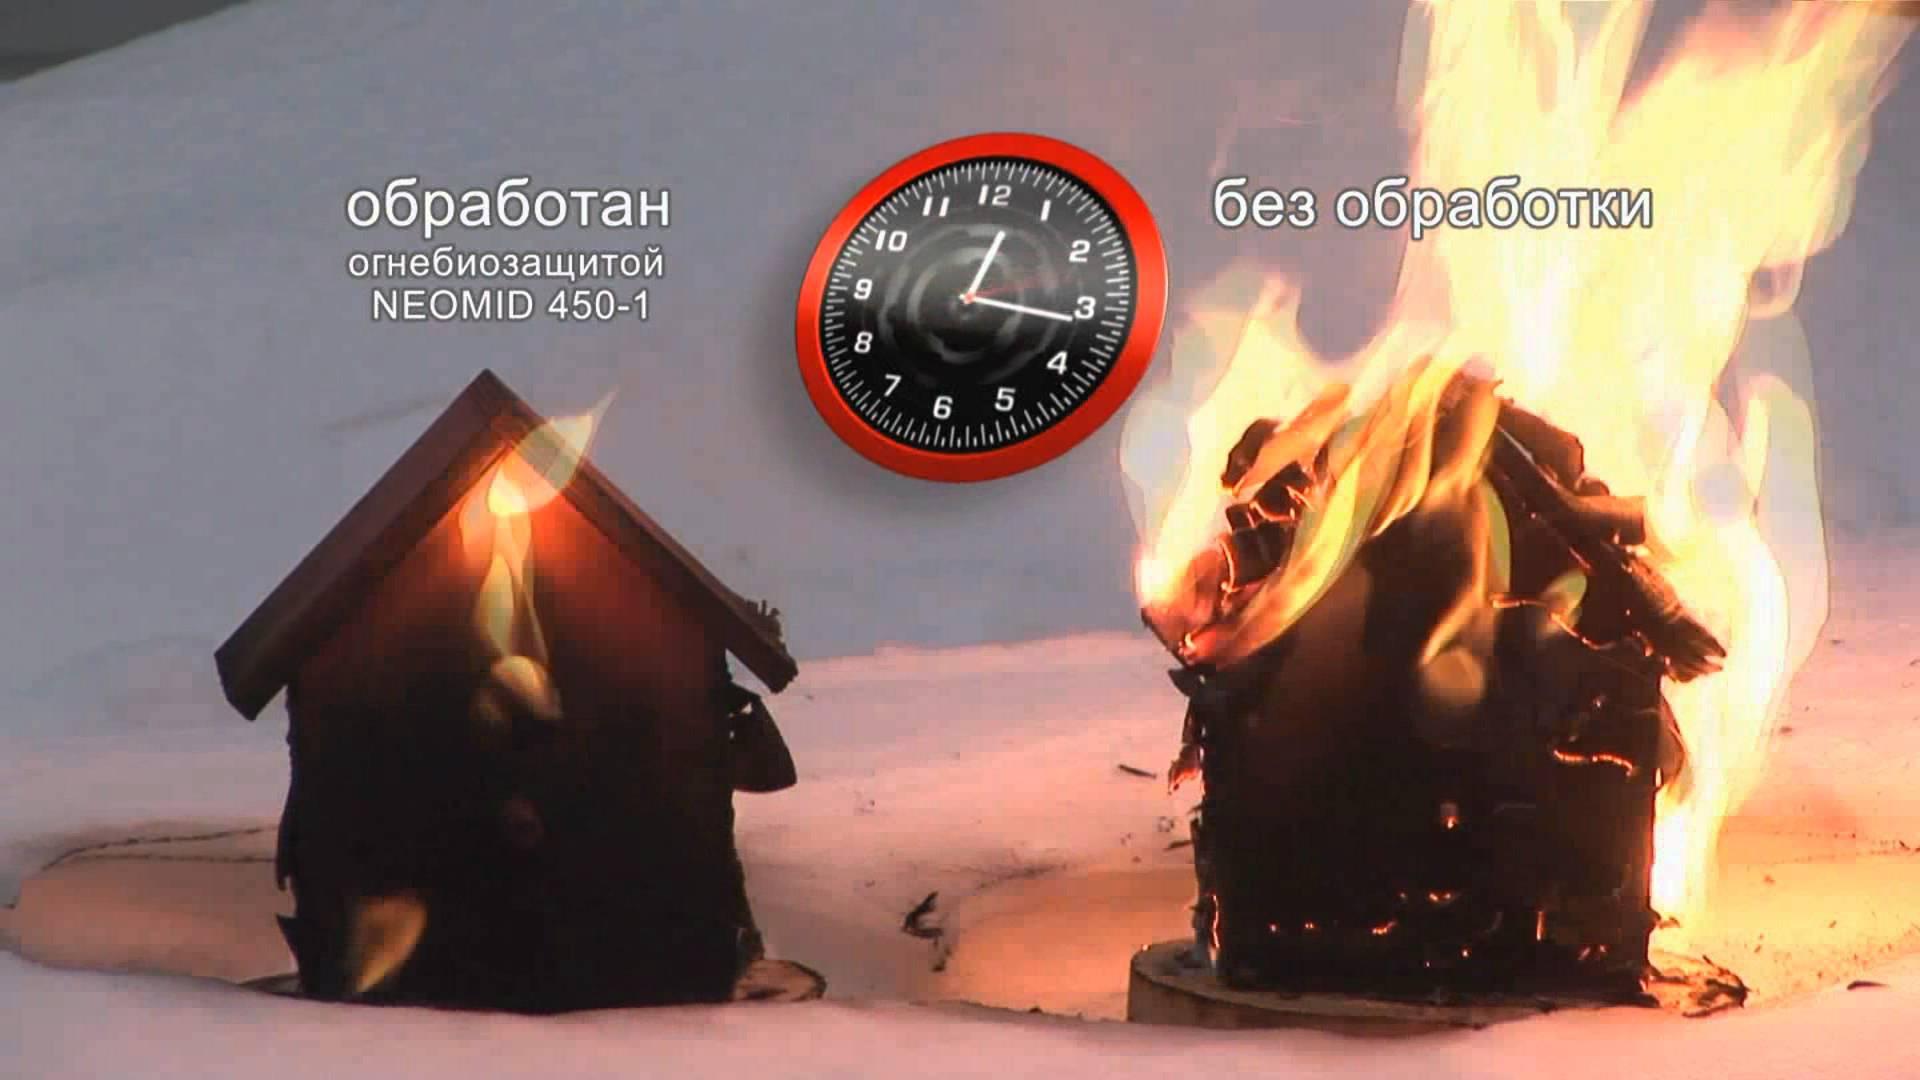 elektromontazhnye_i_elektroustanovochnye_raboty_montazh_zazemlyayushhih_ustrojstv_montazh_vertikalnyh_zazemlitelej